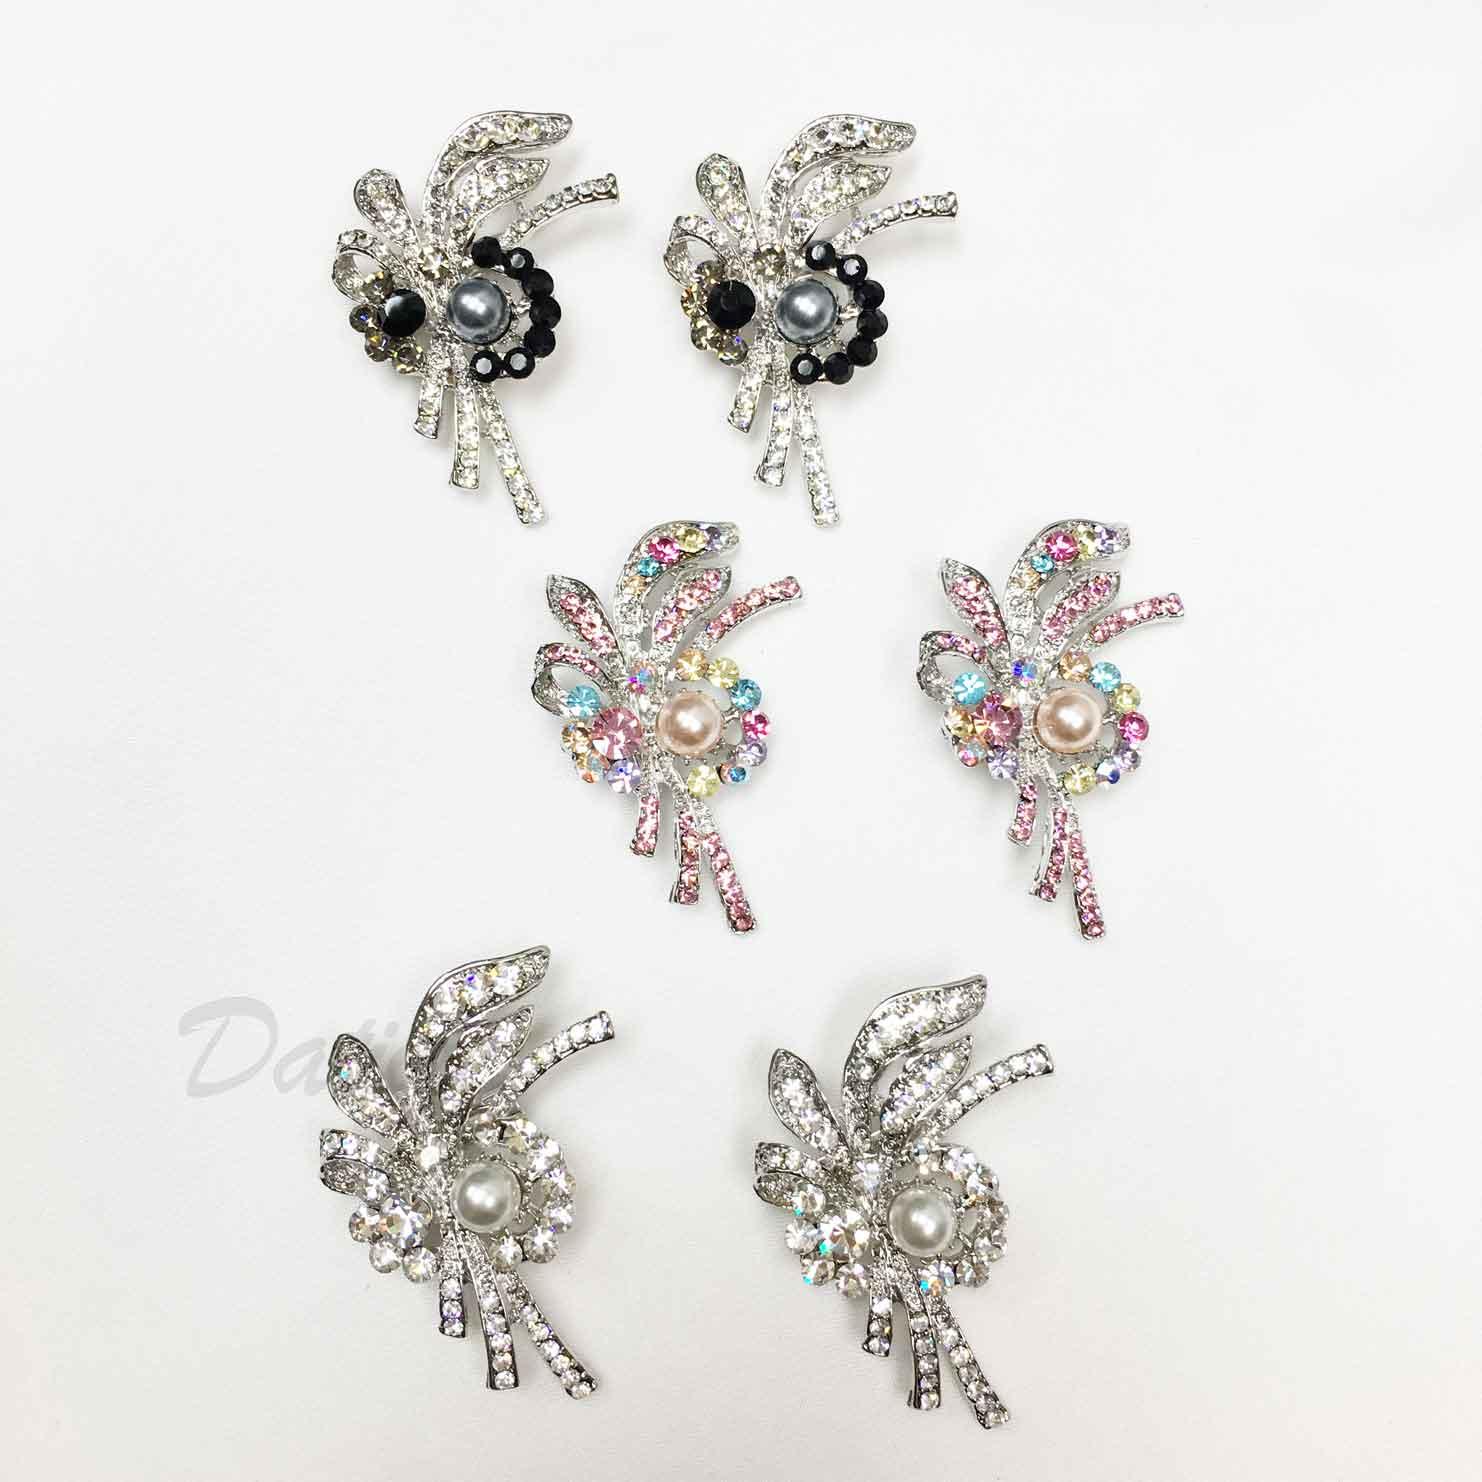 羽毛 彩色水鑽 黑鑽 珍珠 不對稱 三色 二入一組 胸針